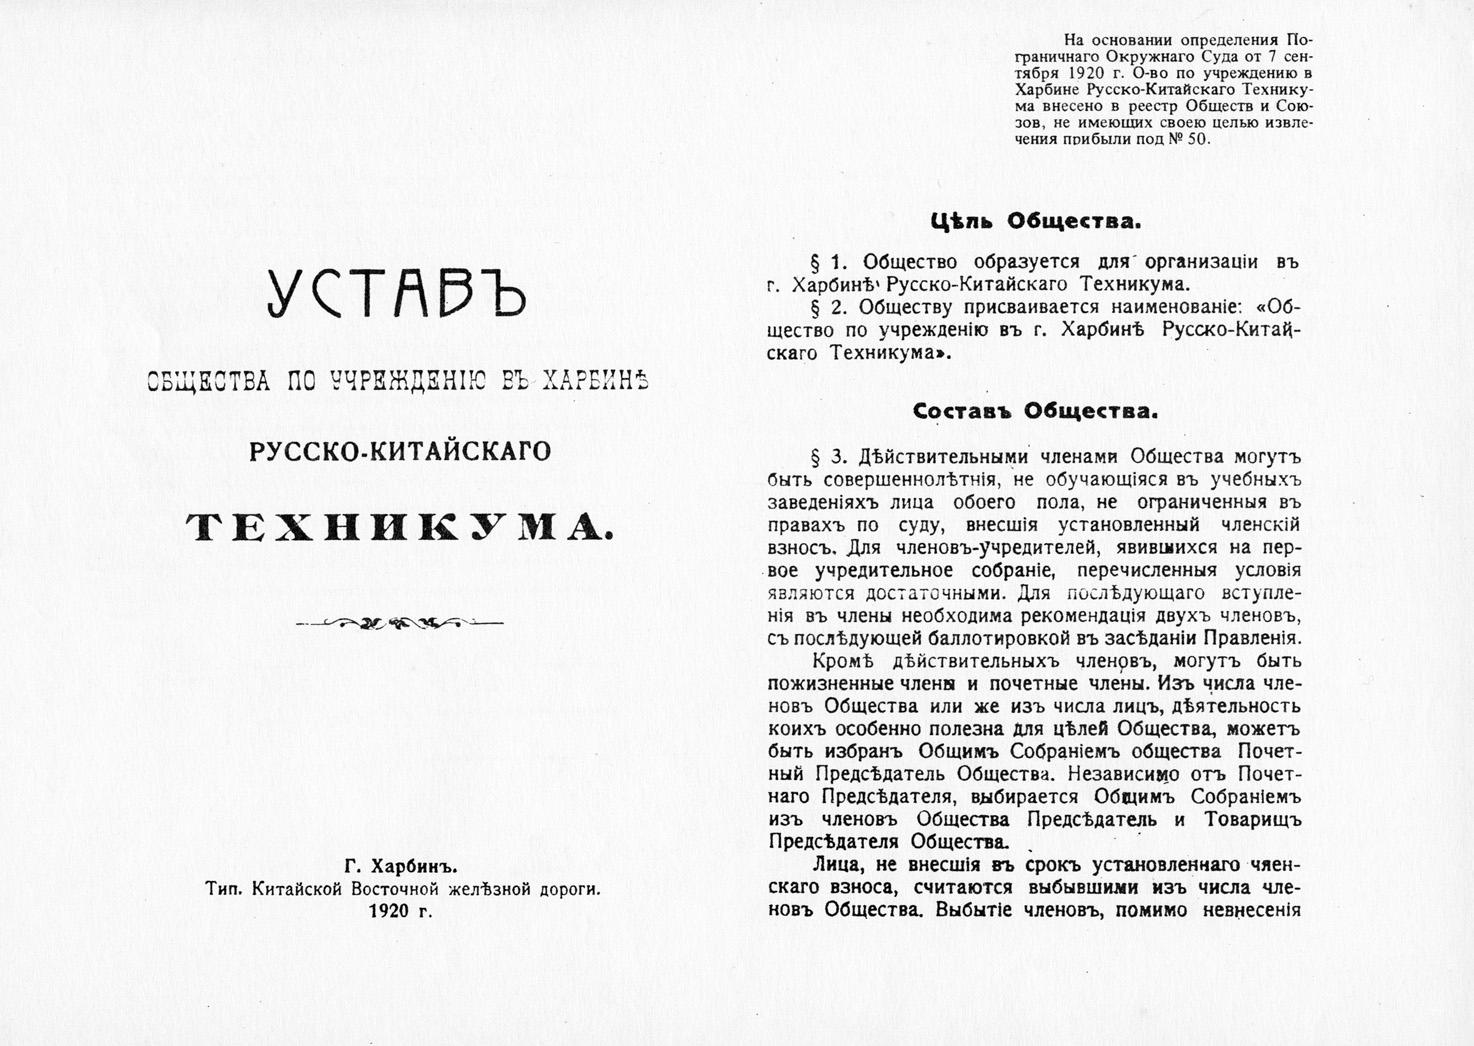 историческая справка архива образец